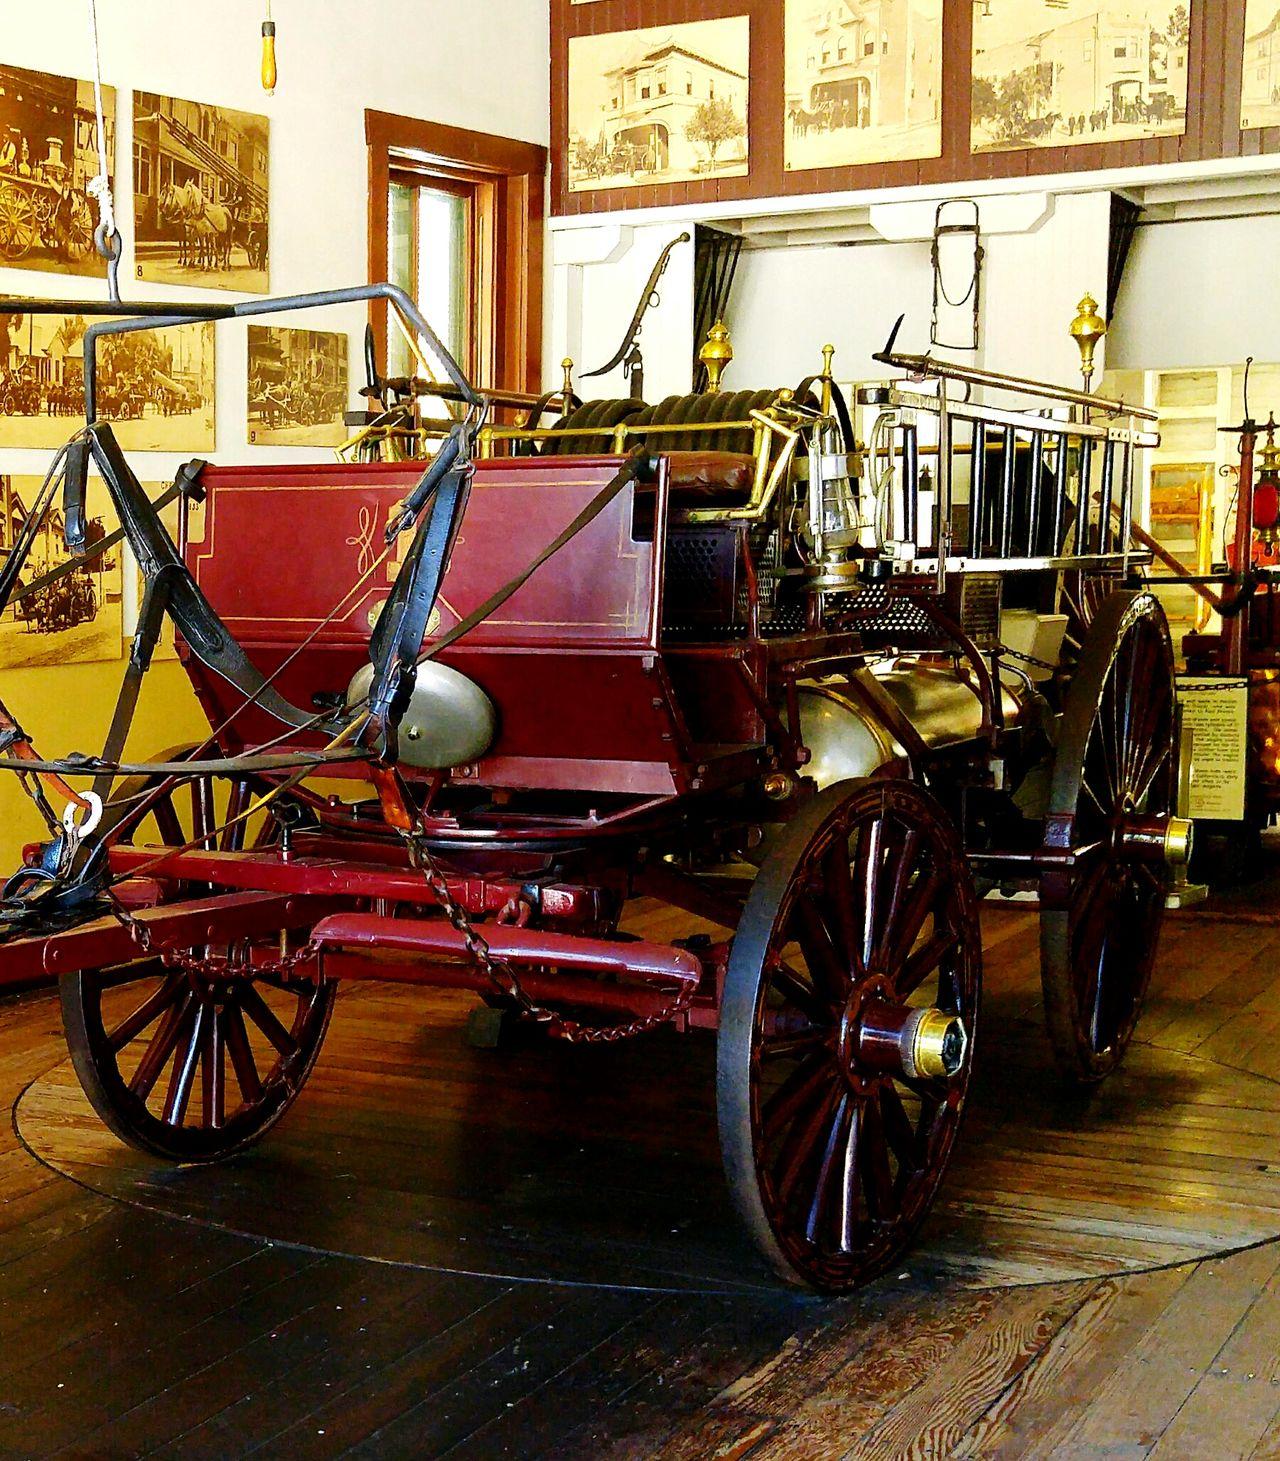 Old-fashioned Indoors  Transportation Firehouse Firestation Vintage Vehicles Vintage Fire Engine Vintage Firetruck DTLA Olvera Street